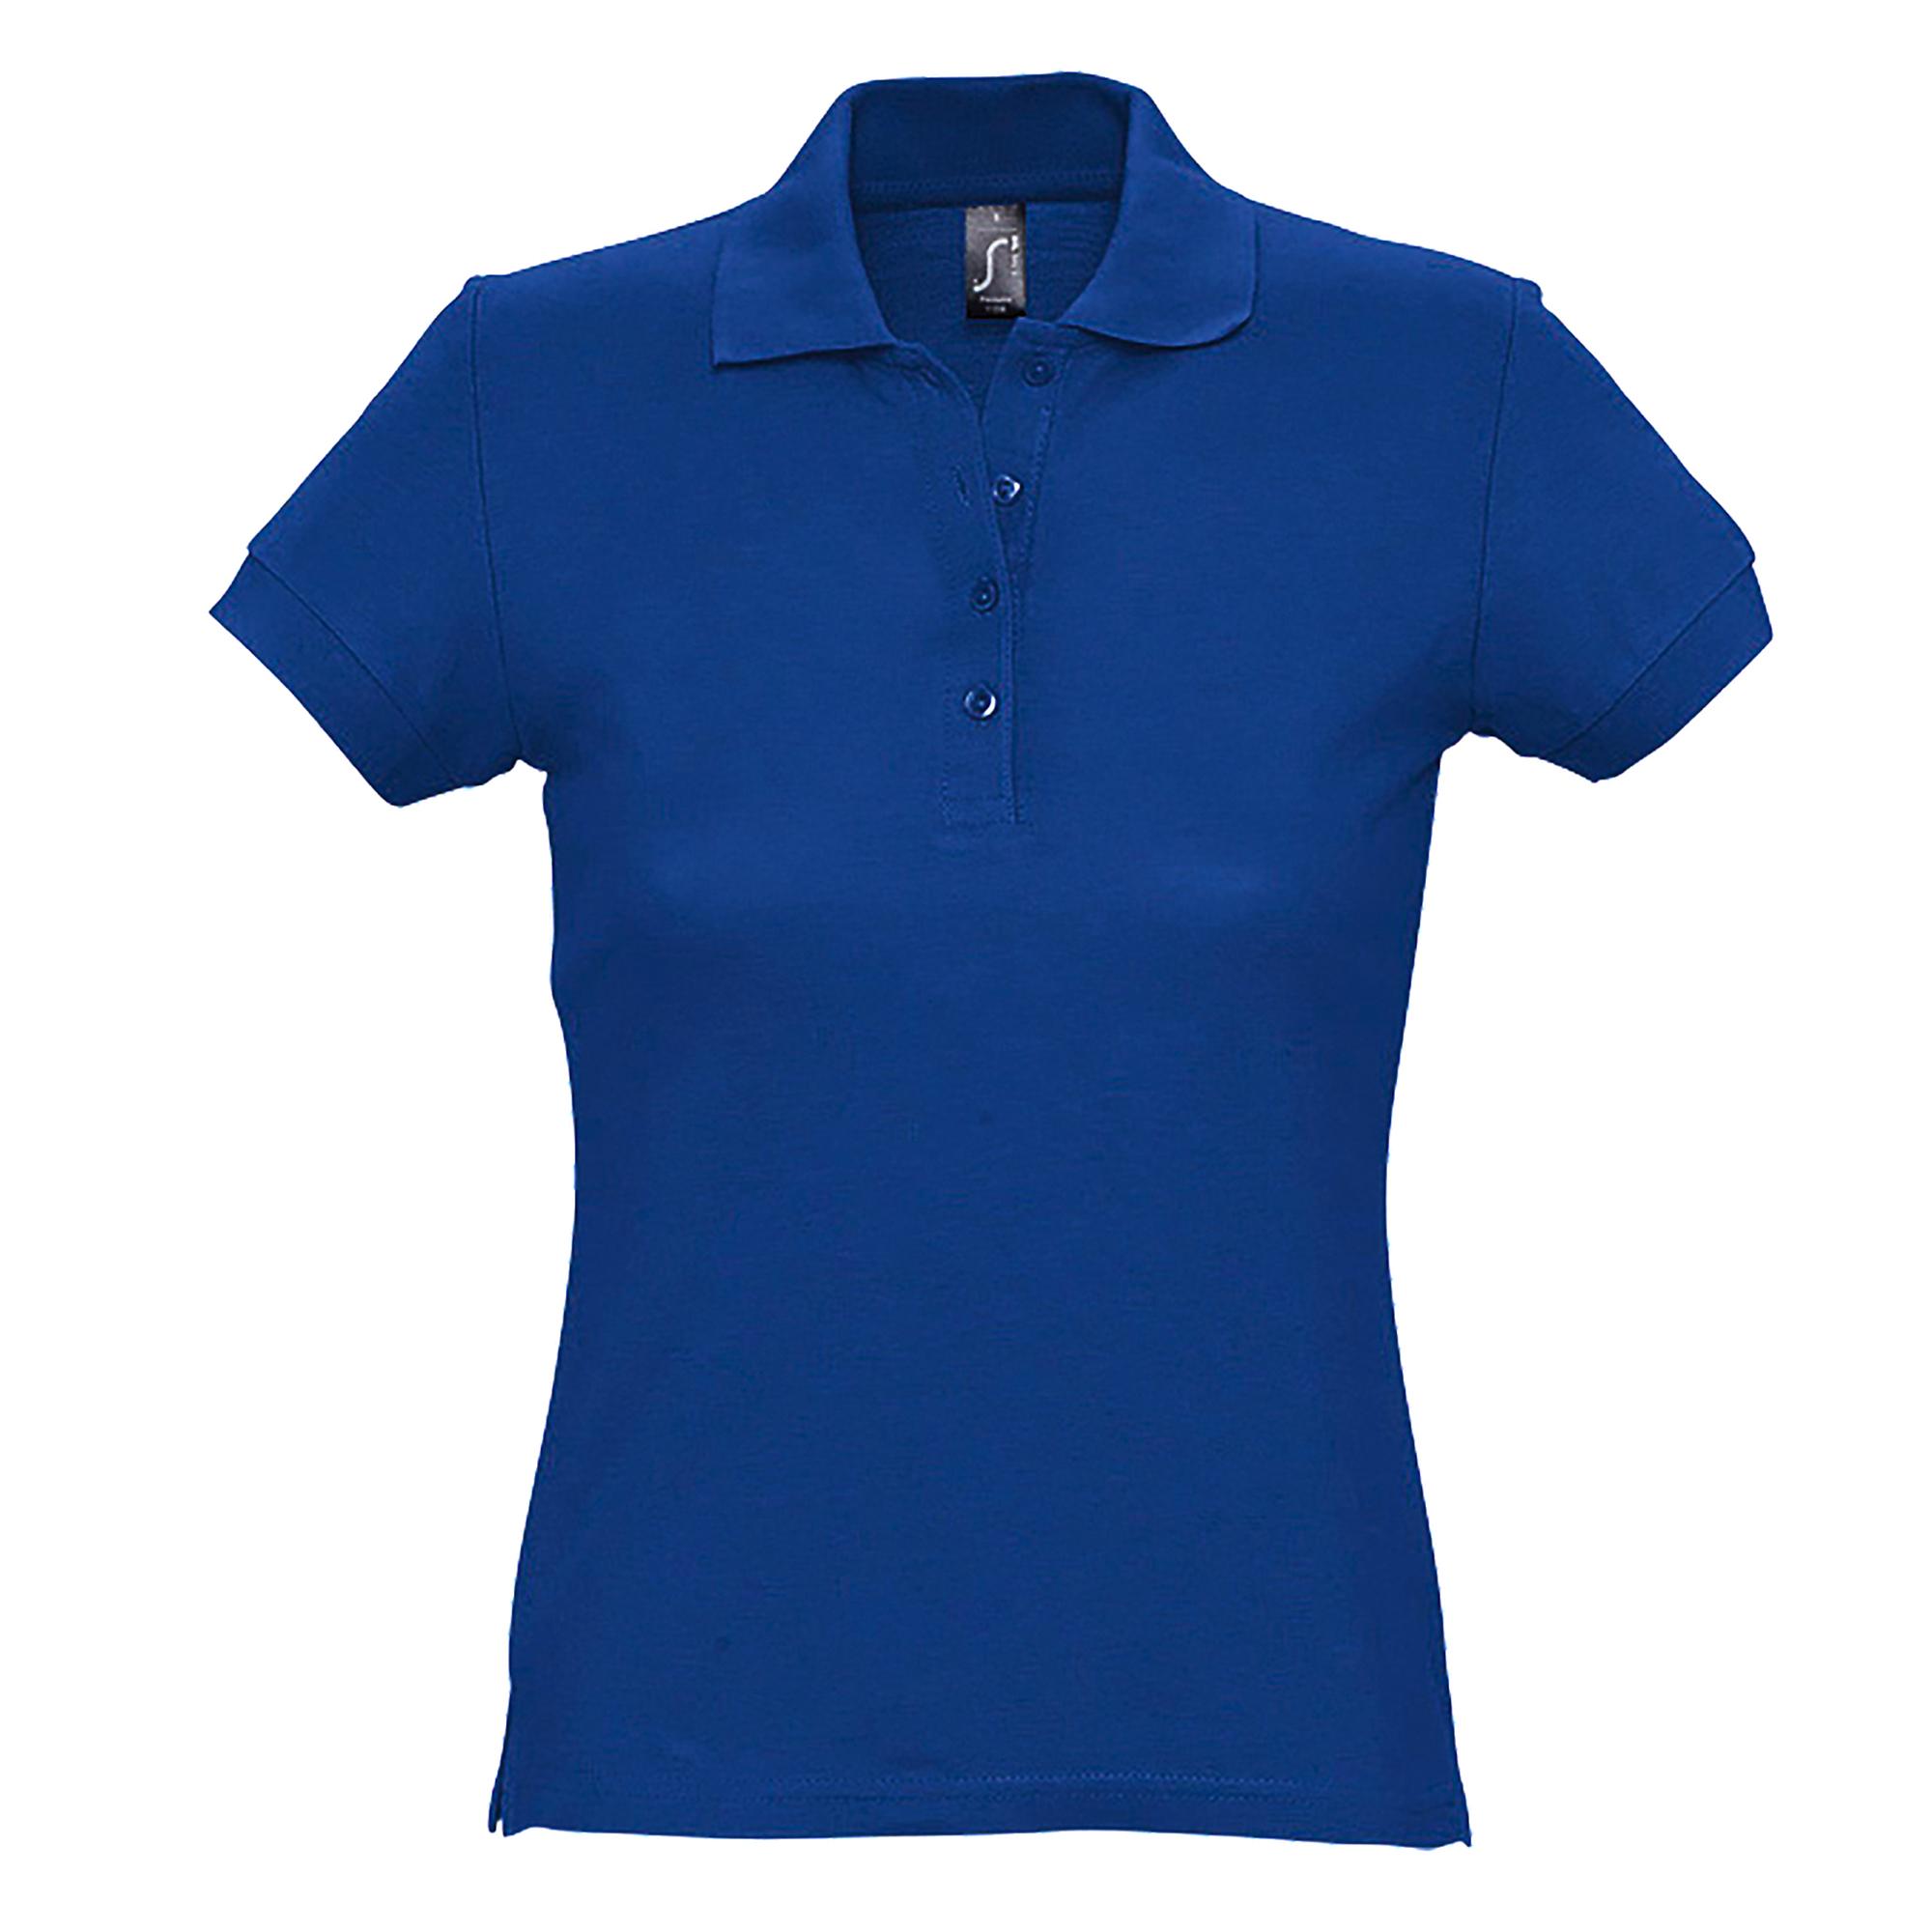 miniature 81 - SOLS Passion - Polo 100% coton à manches courtes - Femme (S-2XL) 16 (PC317)